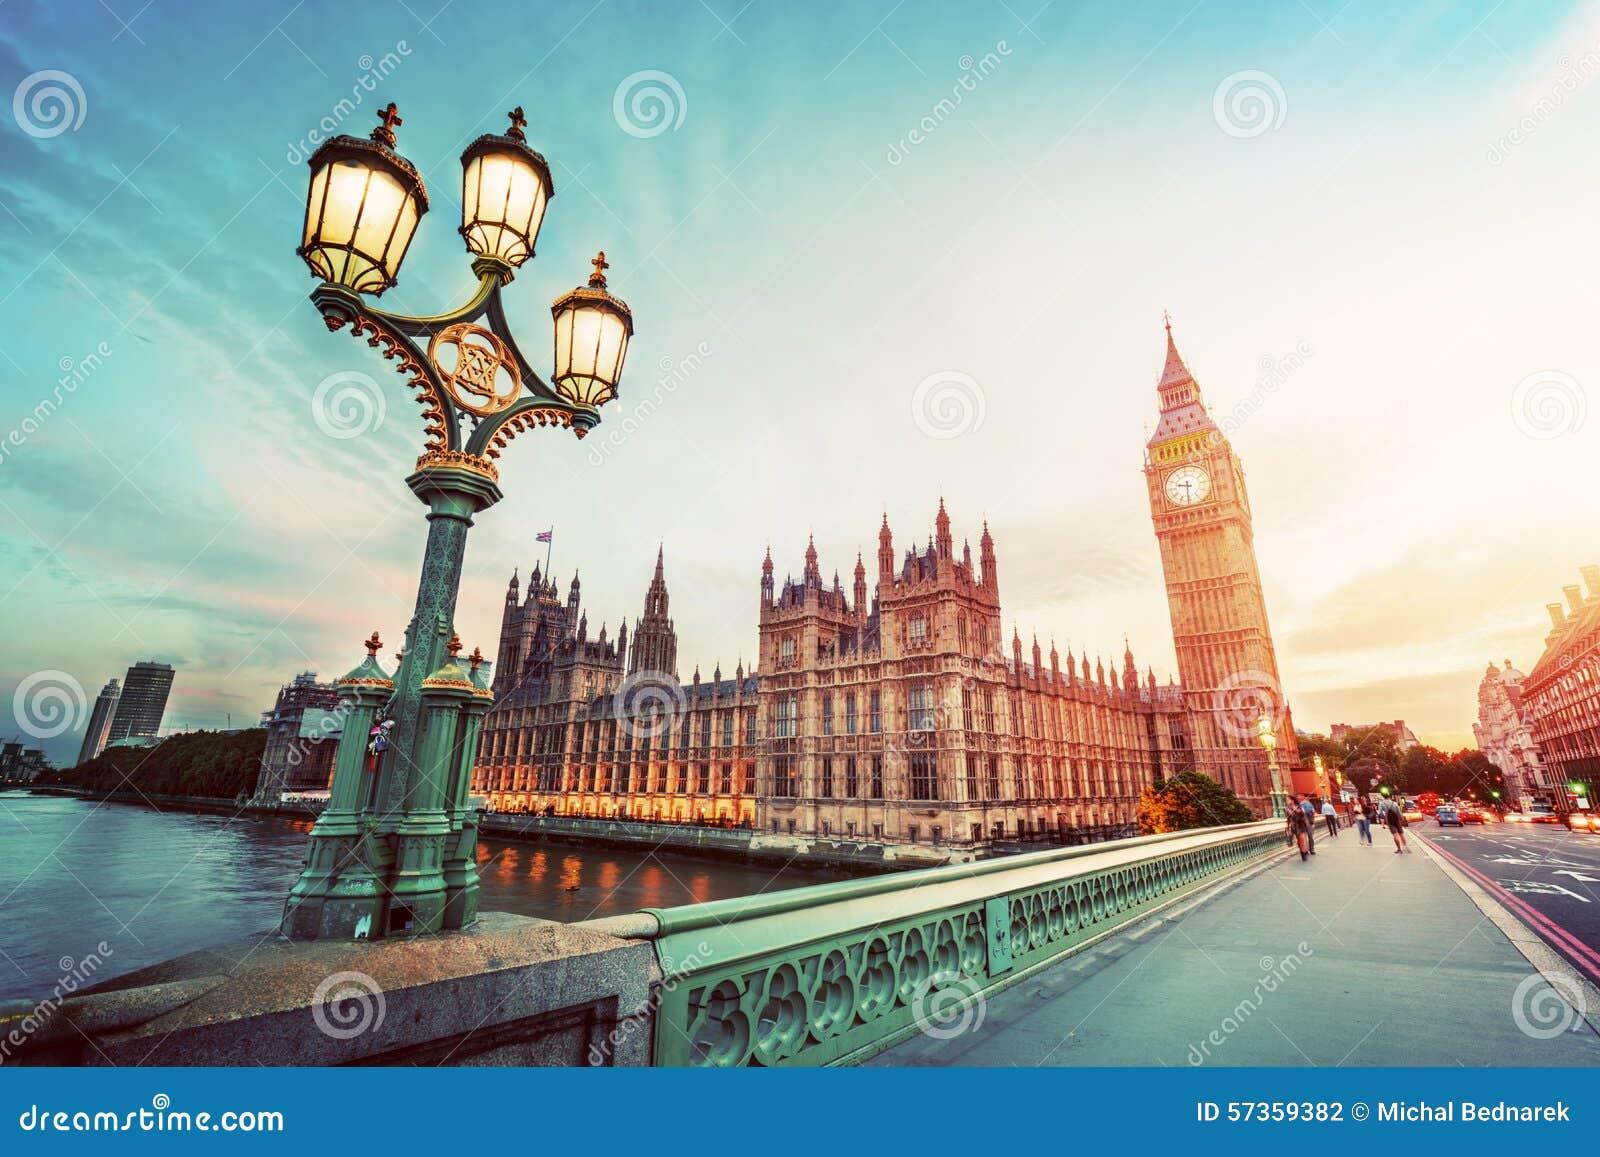 Big Ben, London Großbritannien bei Sonnenuntergang Retro- Straßenlaternelicht auf Westminster-Brücke weinlese